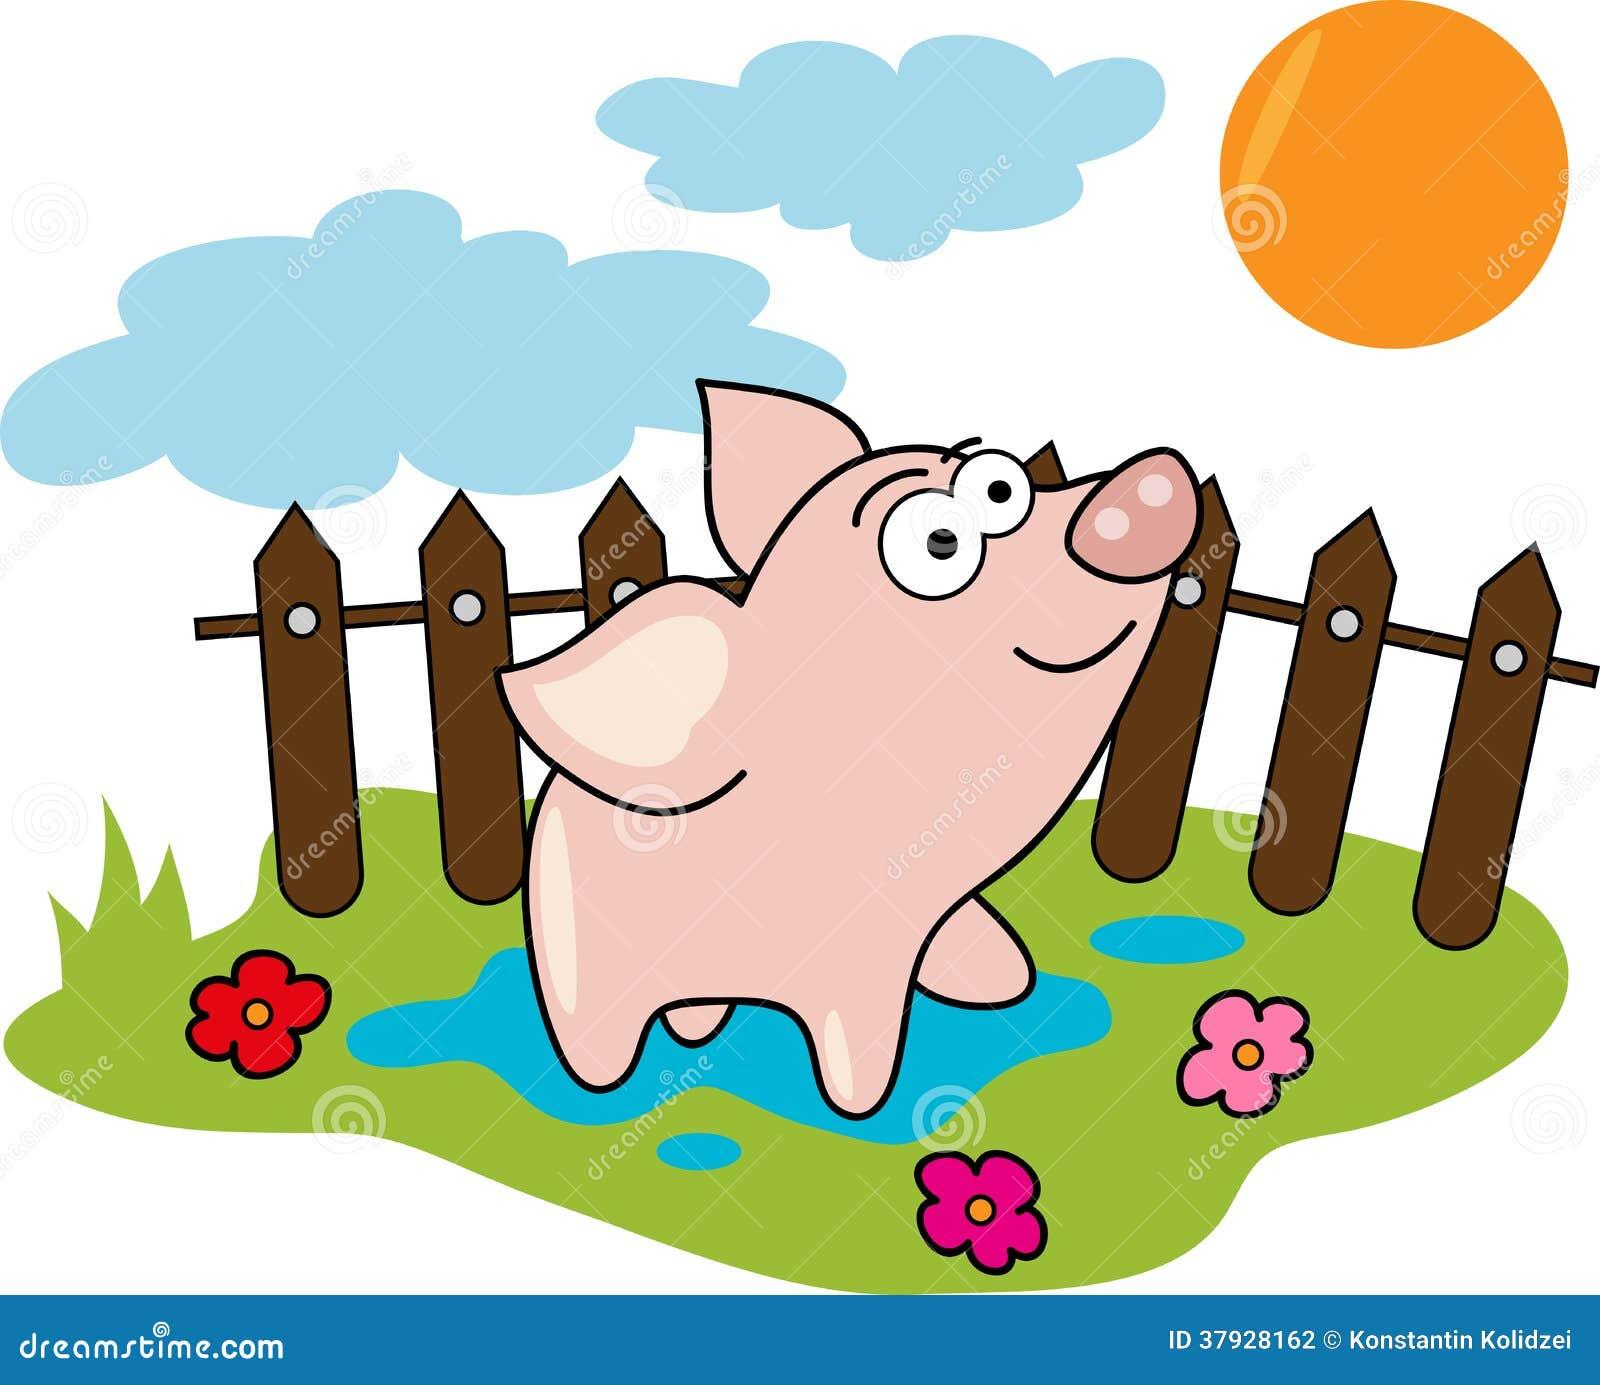 Свинья шаржа